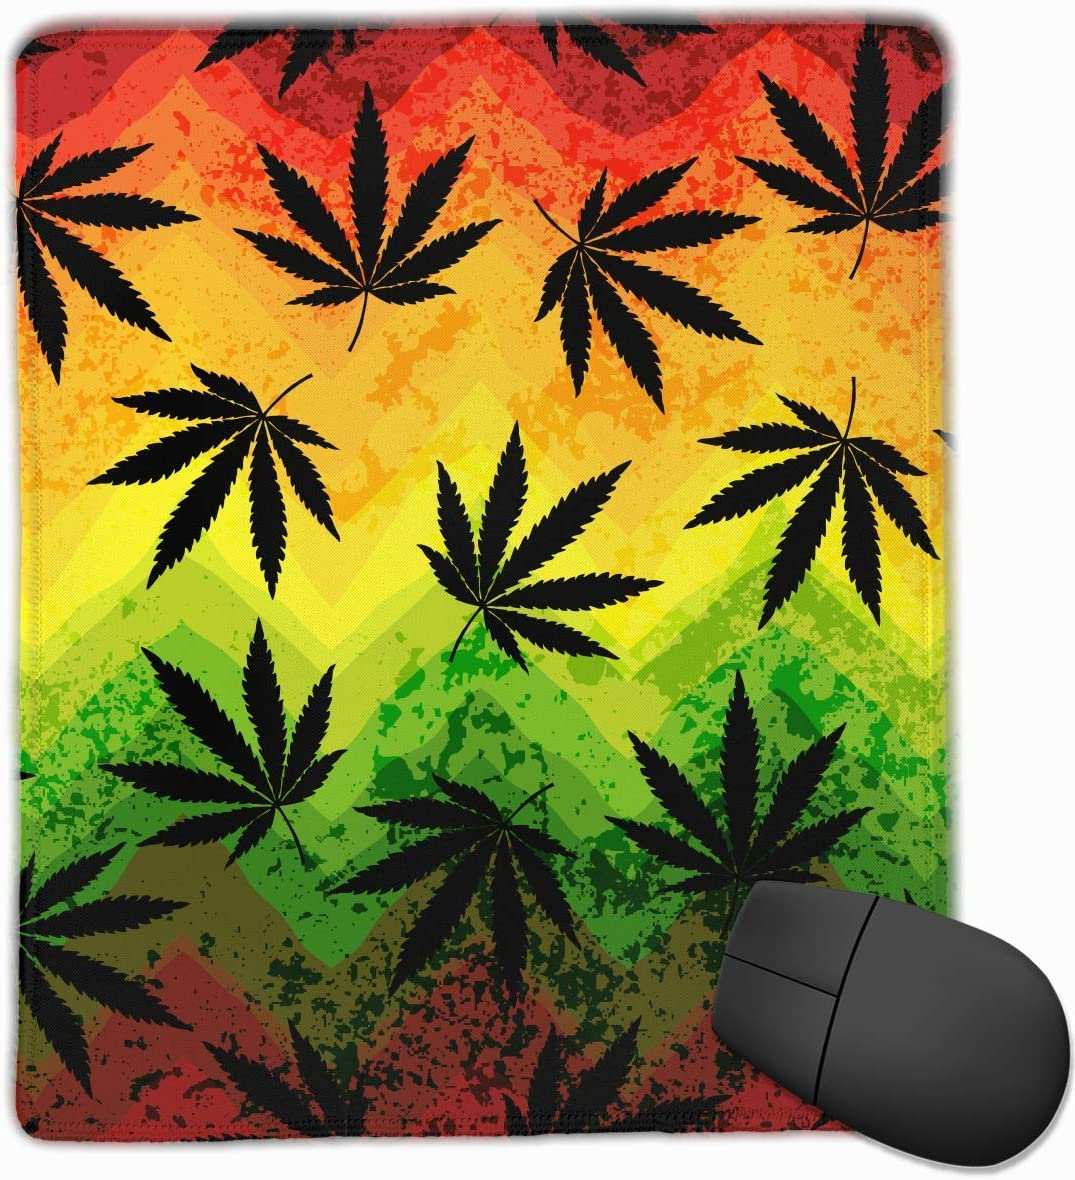 Hoja de Marihuana Rasta Colores Rectángulo Antideslizante Goma Mousepad Accesorios para computadora 18 x 22 CM